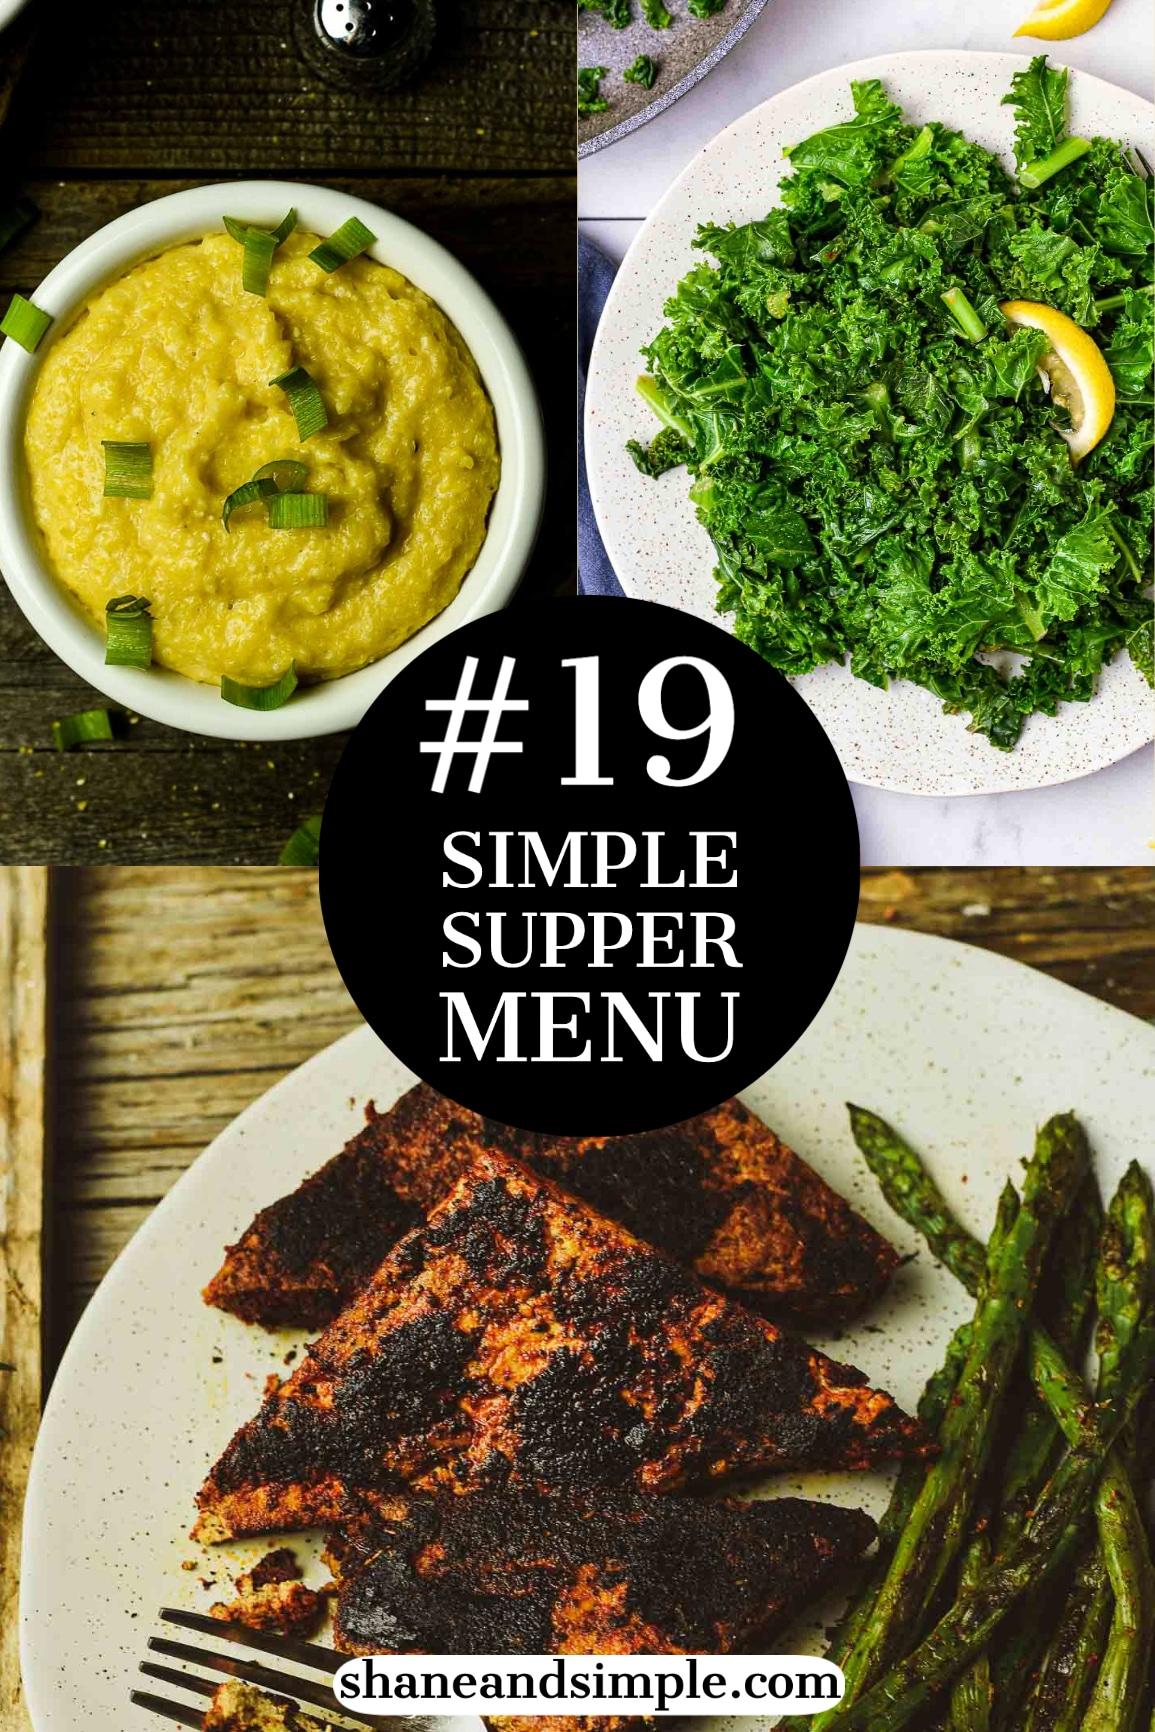 Simple Supper Menu #19